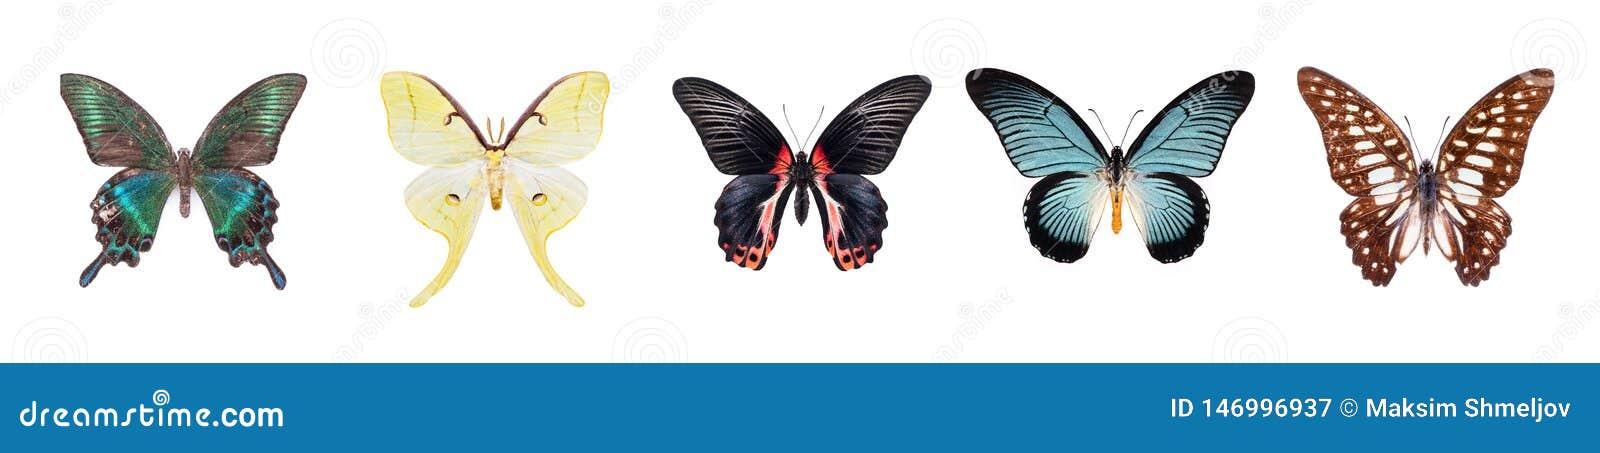 Σύνολο όμορφων και ζωηρόχρωμων πεταλούδων που απομονώνονται στο λευκό